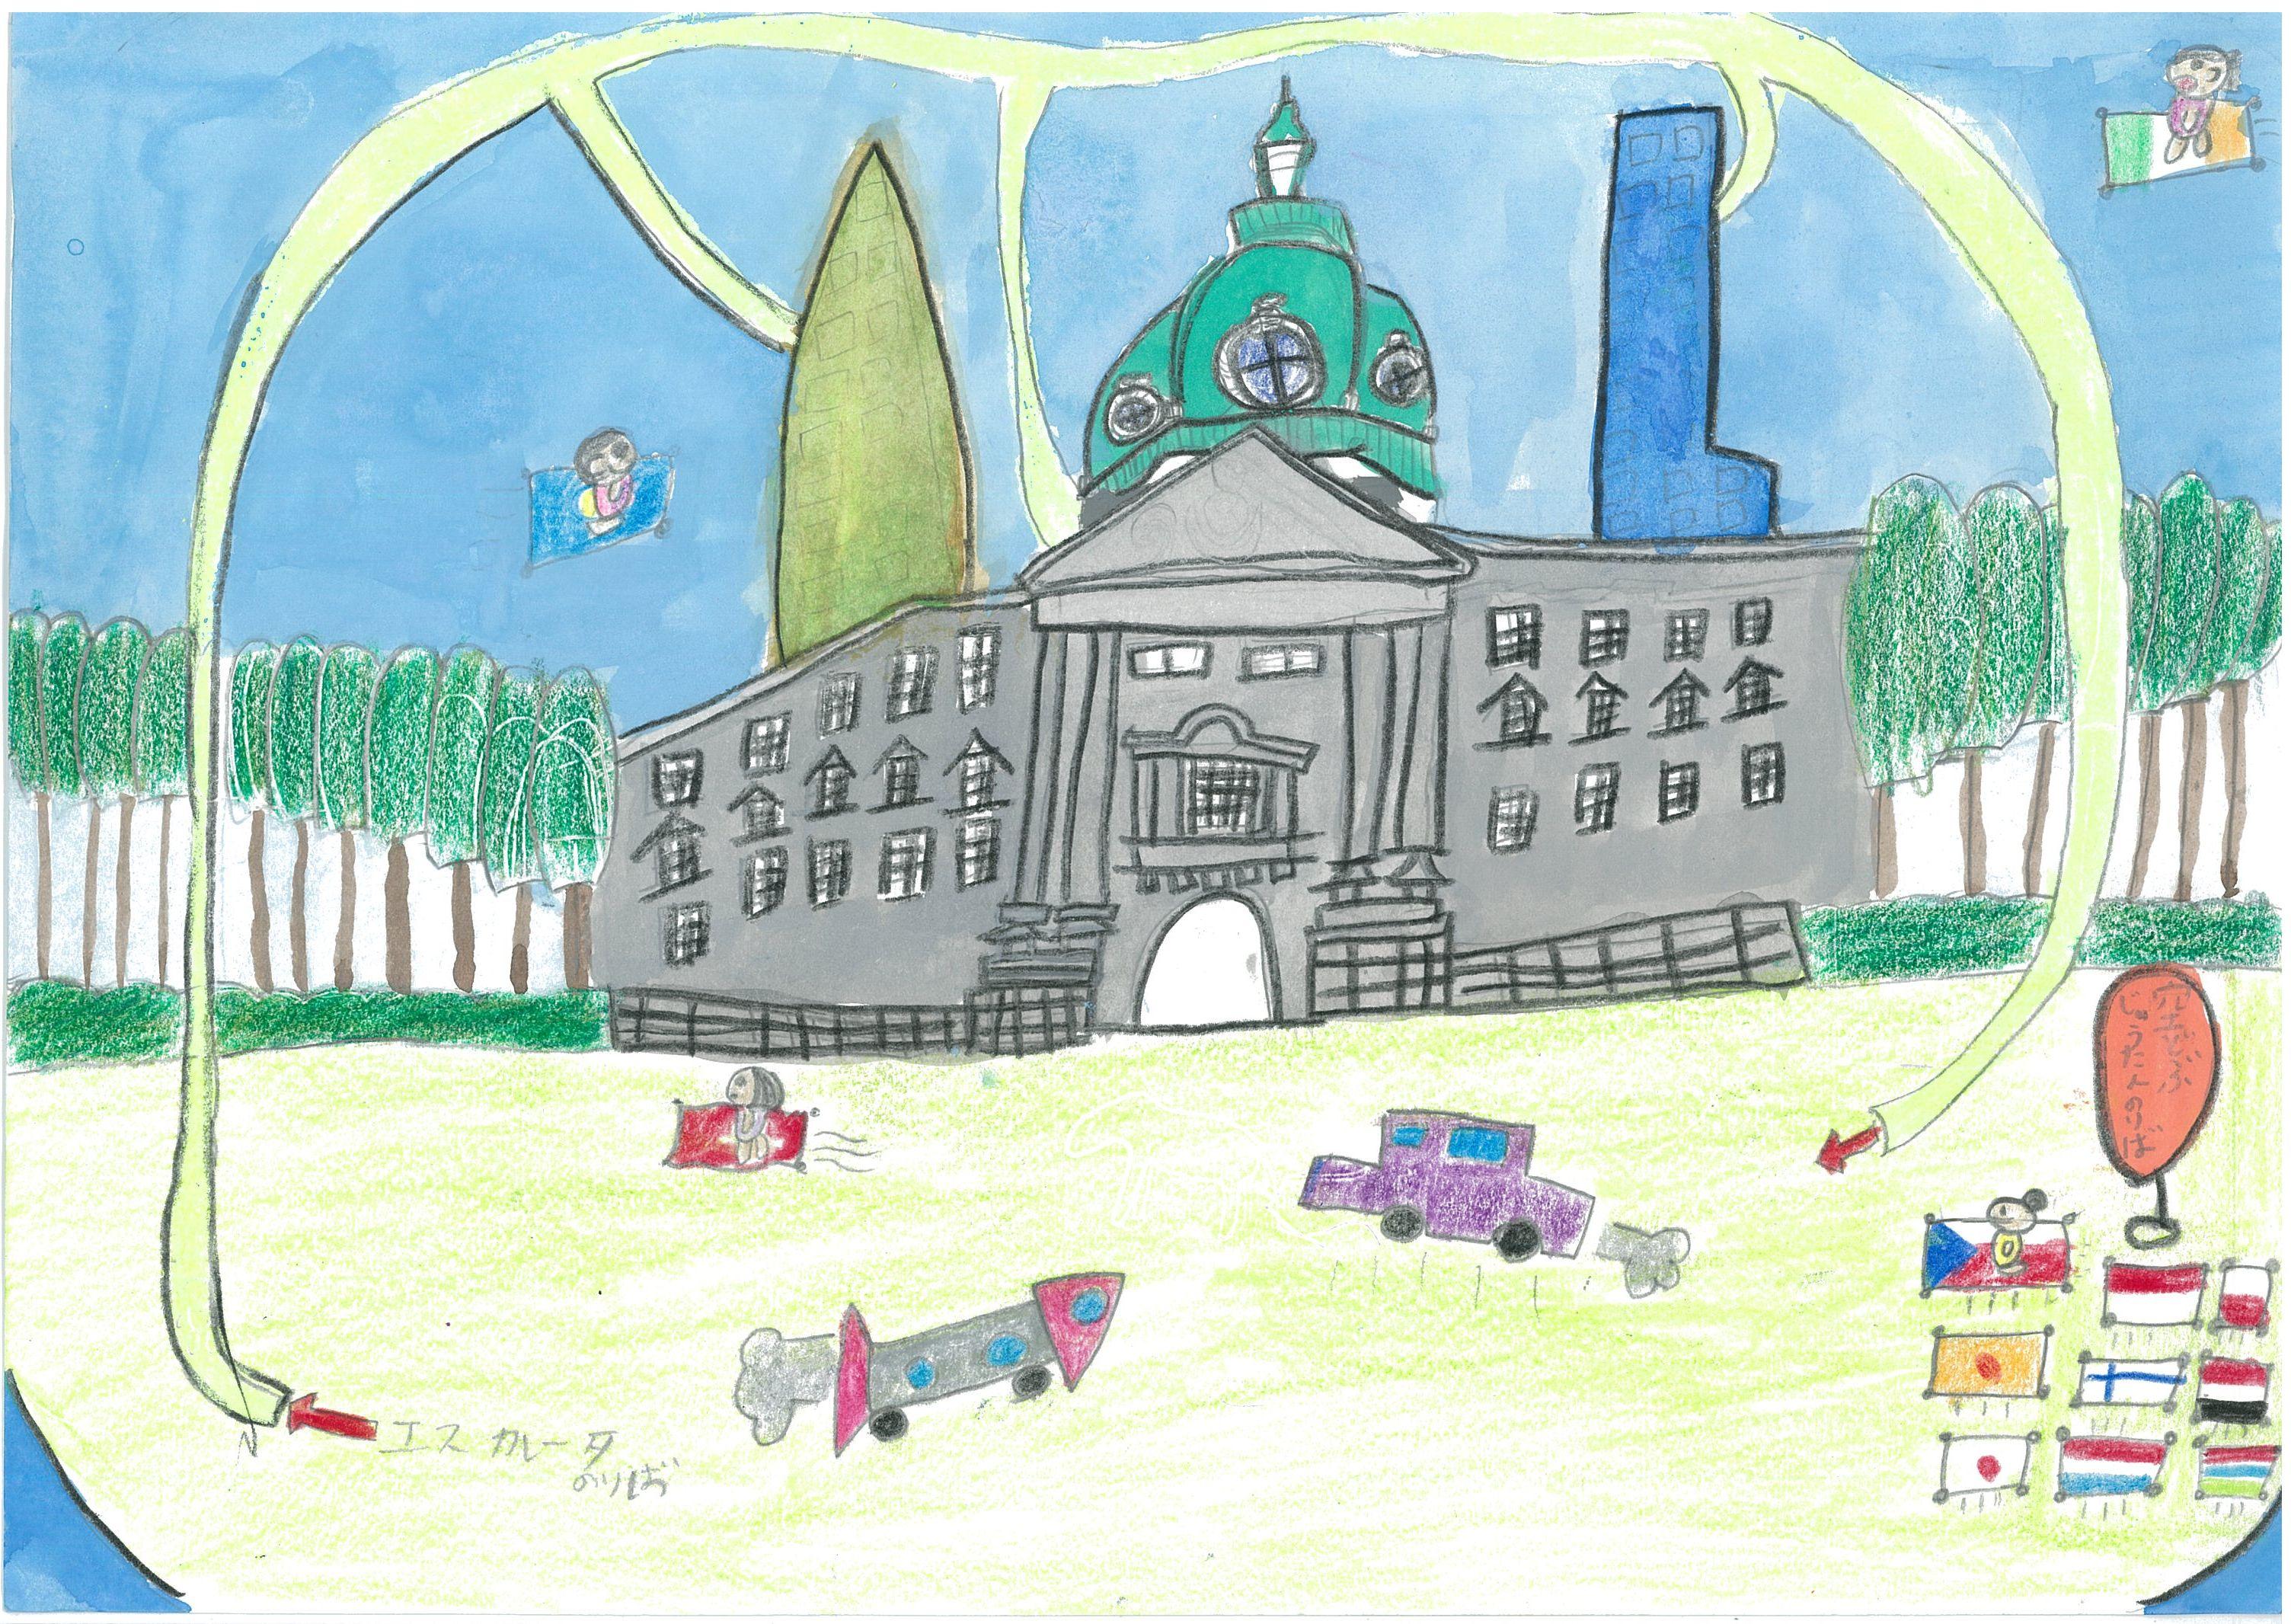 馬車道賞 横浜市立本町小学校4年 手塚心々奈 「景色のきれいな未来の町」